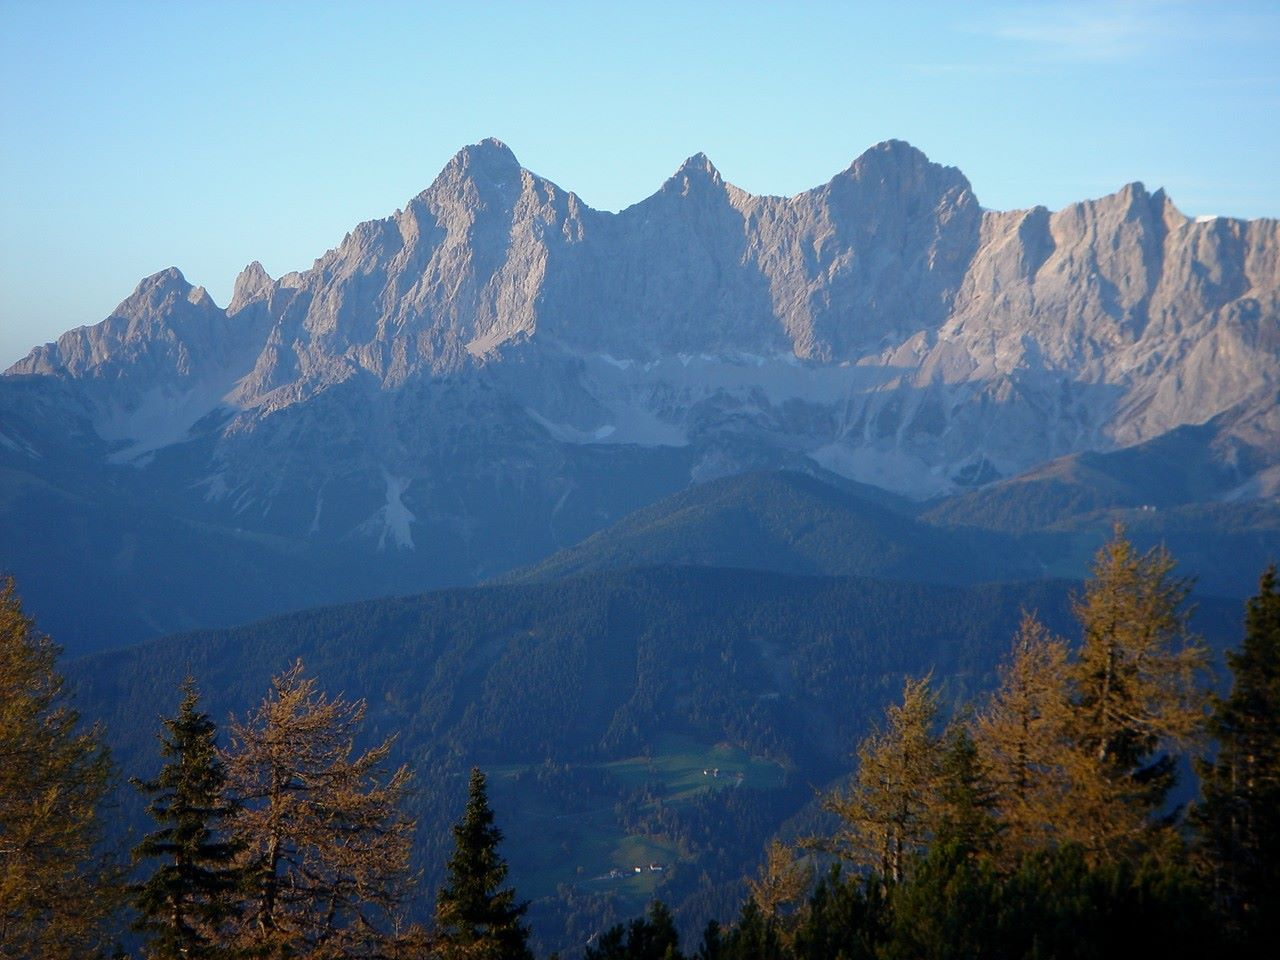 Foto: Manfred Karl / Wander Tour / Gipfelrunde von der Reiteralm auf den Schober (2133m) / Markant: Der Dachstein / 19.06.2007 05:52:54